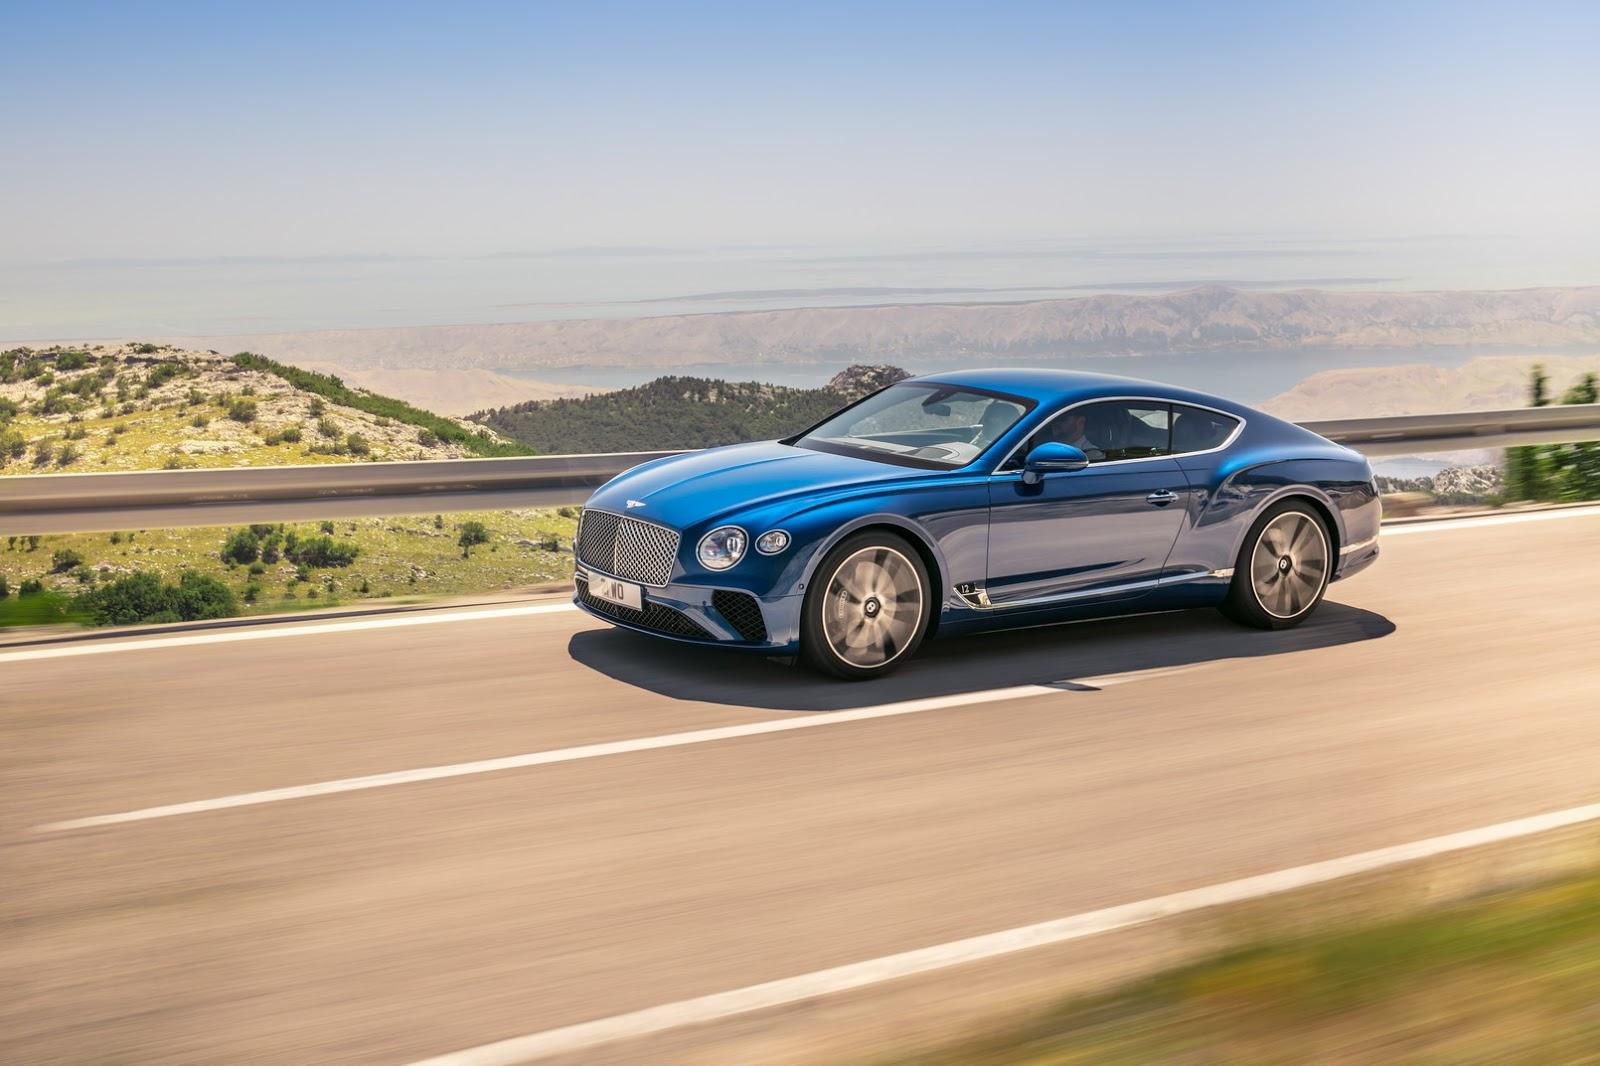 2018-Bentley-Continental-GT-22